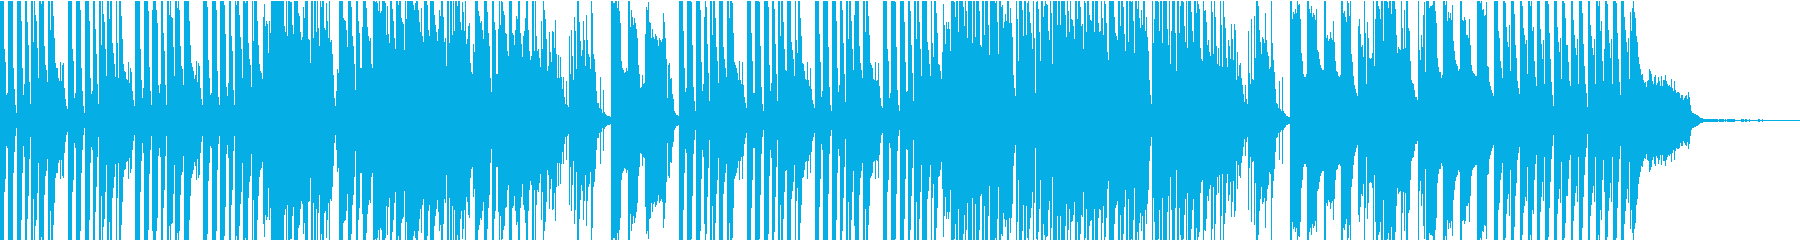 青空の下、ほのぼのした明るいBGMの再生済みの波形